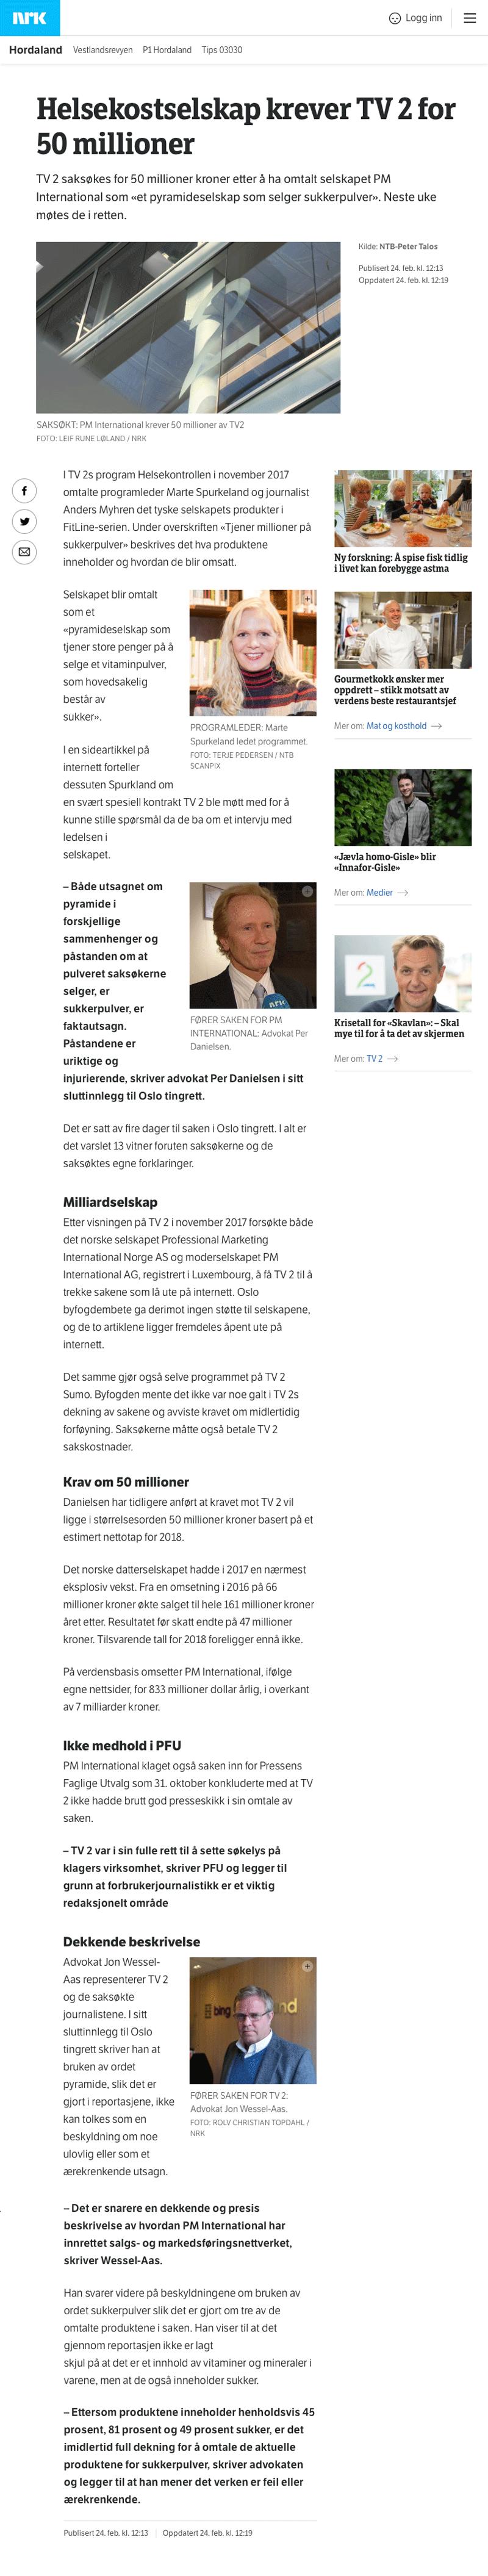 Helsekostselskap med millionkrav. Alminnelig praksis. Advokat Danielsen & Co. Per Danielsen. Advokat i Oslo.